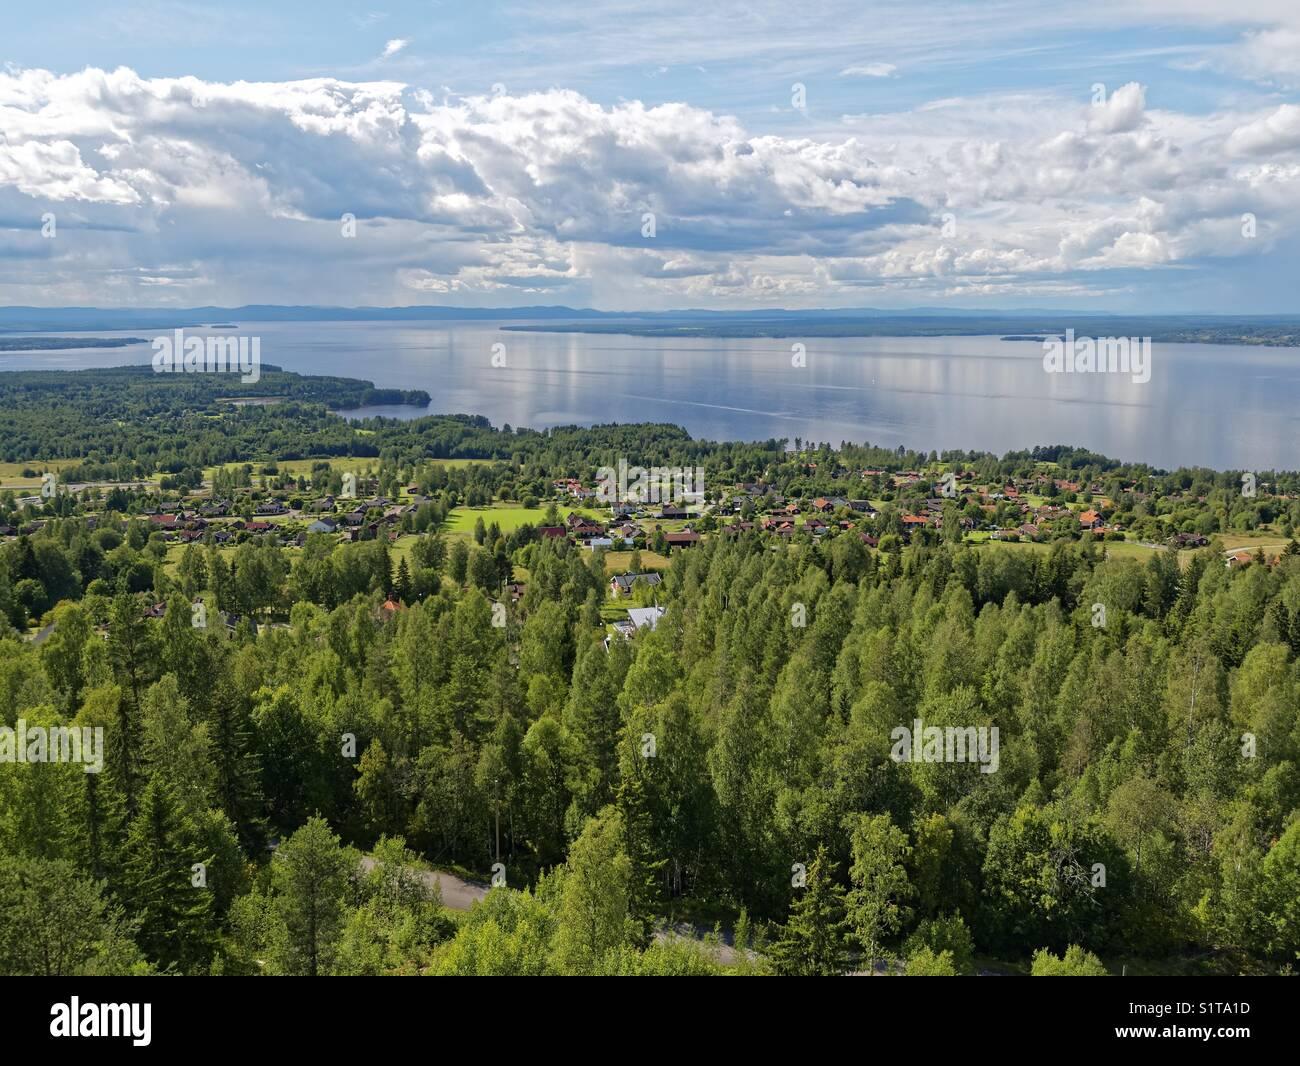 View of siljan in Dalarna, Sweden - Stock Image